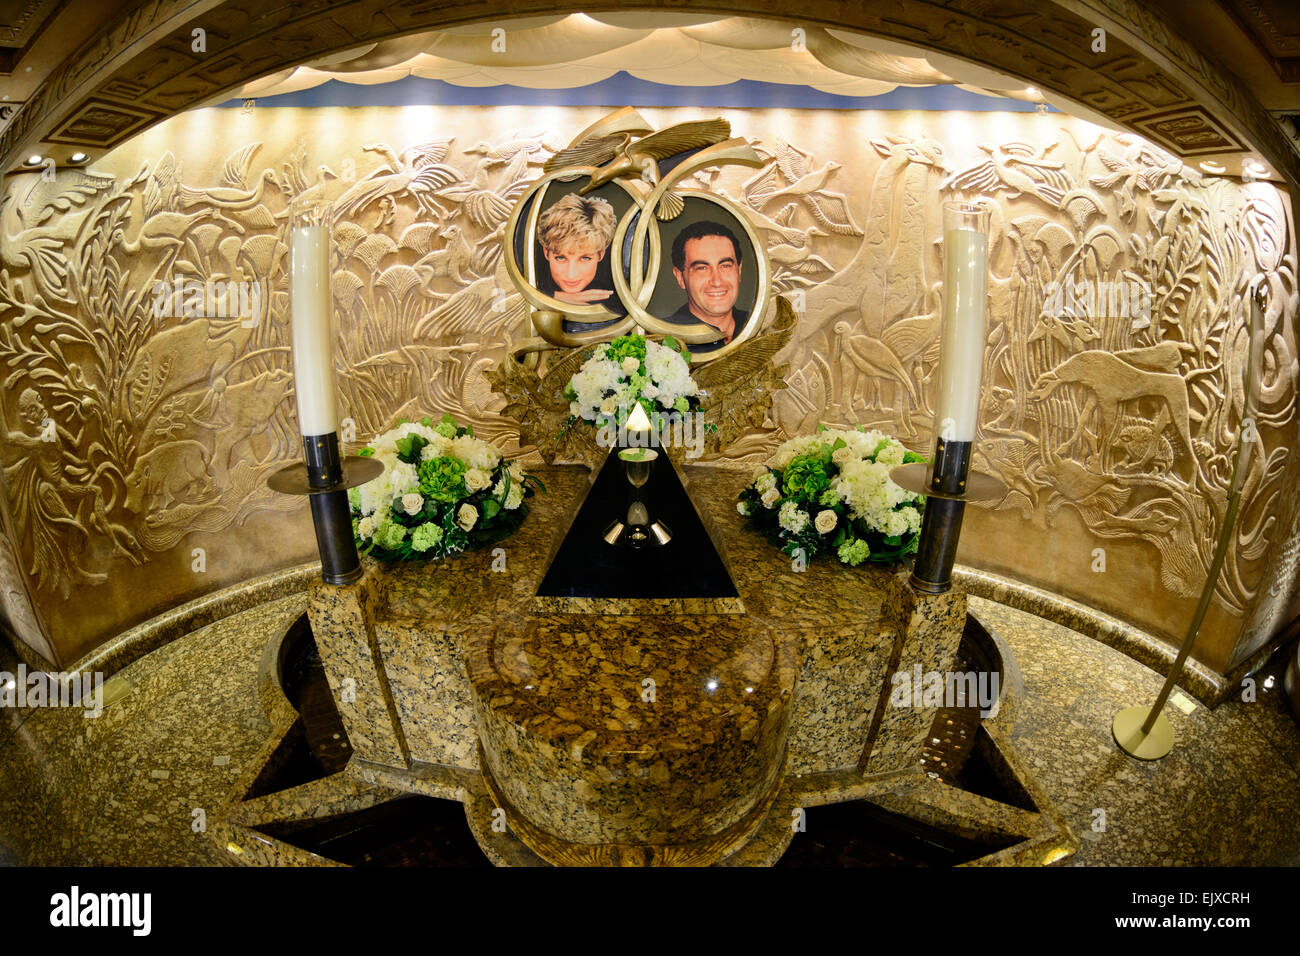 Harrods-Schrein für Prinzessin Diana & Dodi Fayed, das Kaufhaus Harrods, London, Vereinigtes Königreich. Stockbild